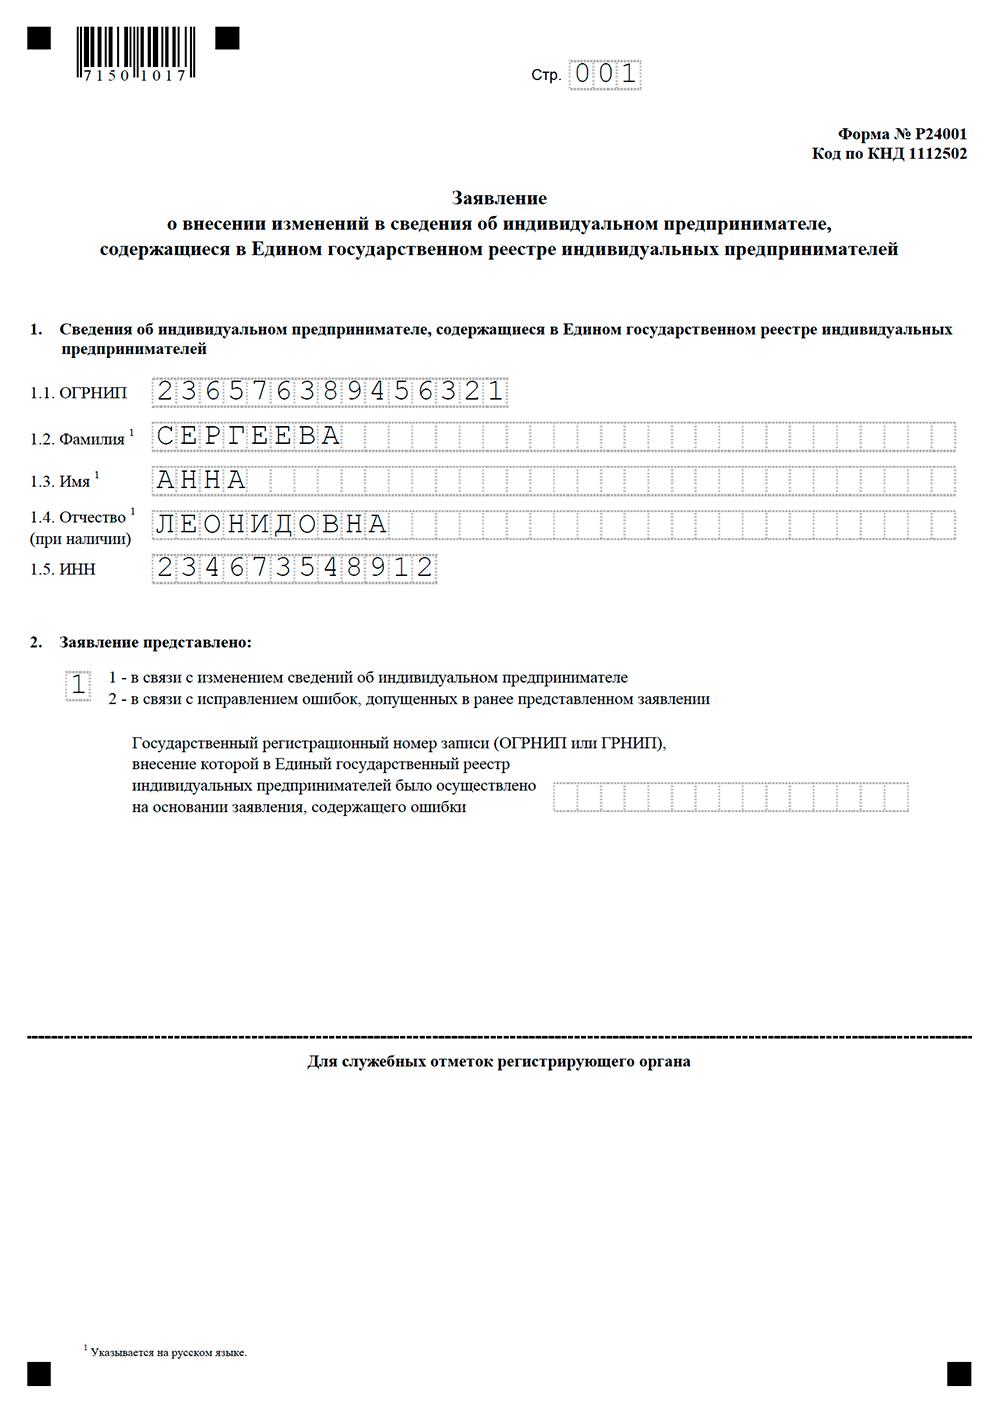 Коды оквэд для регистрации ип в 2019 инструкции по электронной отчетности